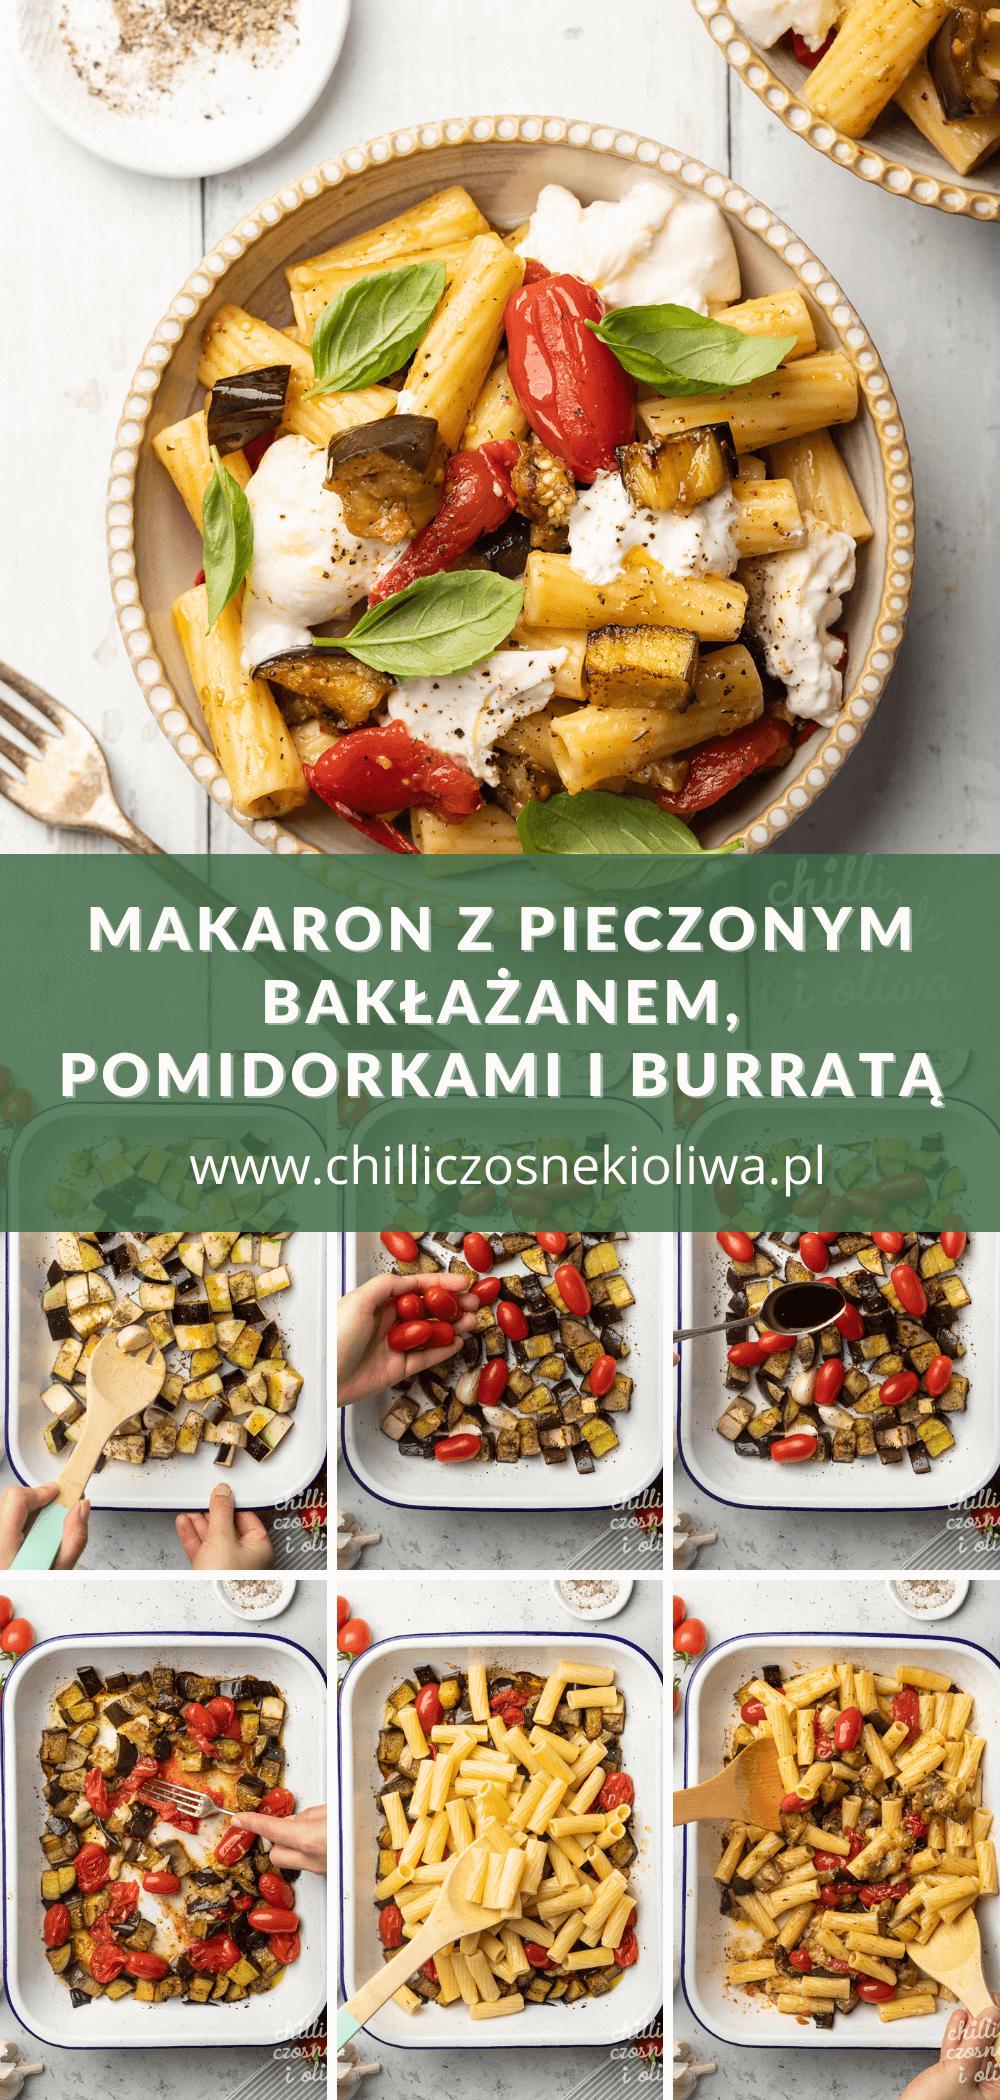 Makaron z pieczonym bakłażanem, pomidorami i Burrata - Pinterest